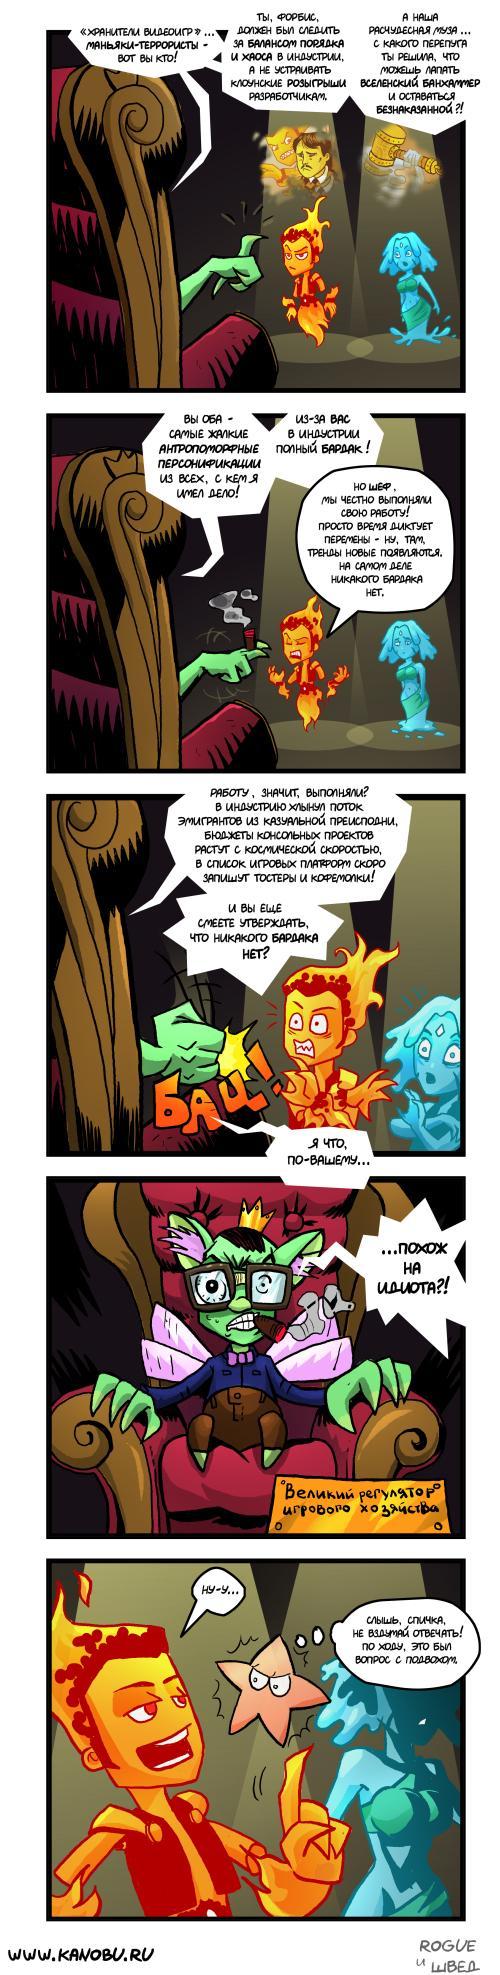 Канобу-комикс. Весь первый сезон | Канобу - Изображение 14